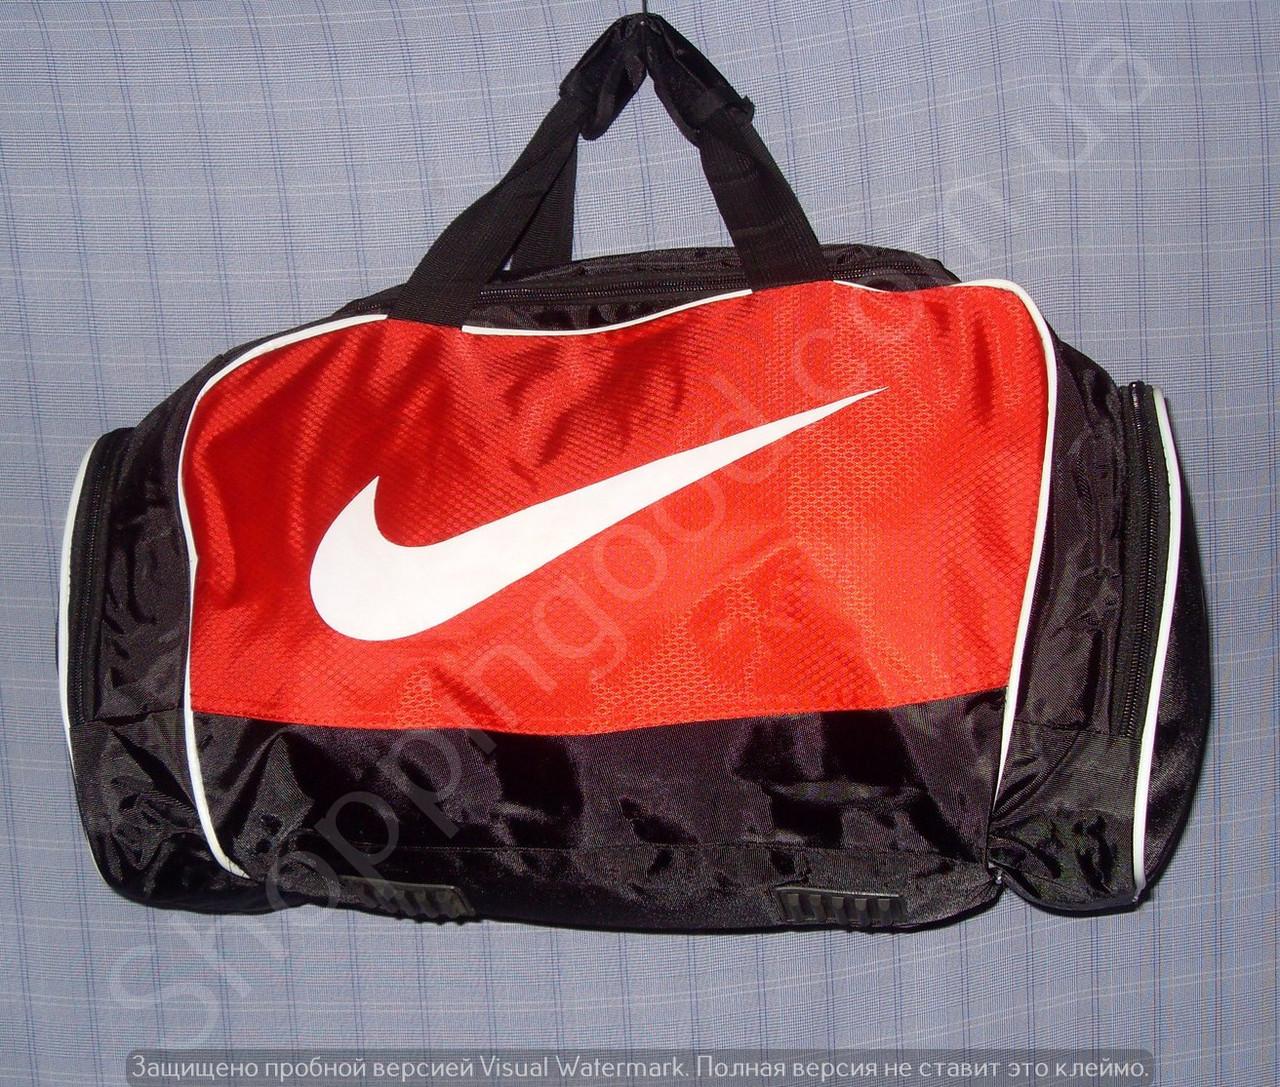 4f8b817bced8 Багажная сумка 114139 средняя (50х27х23, см) черная с красным спортивная  копия из полиэстера